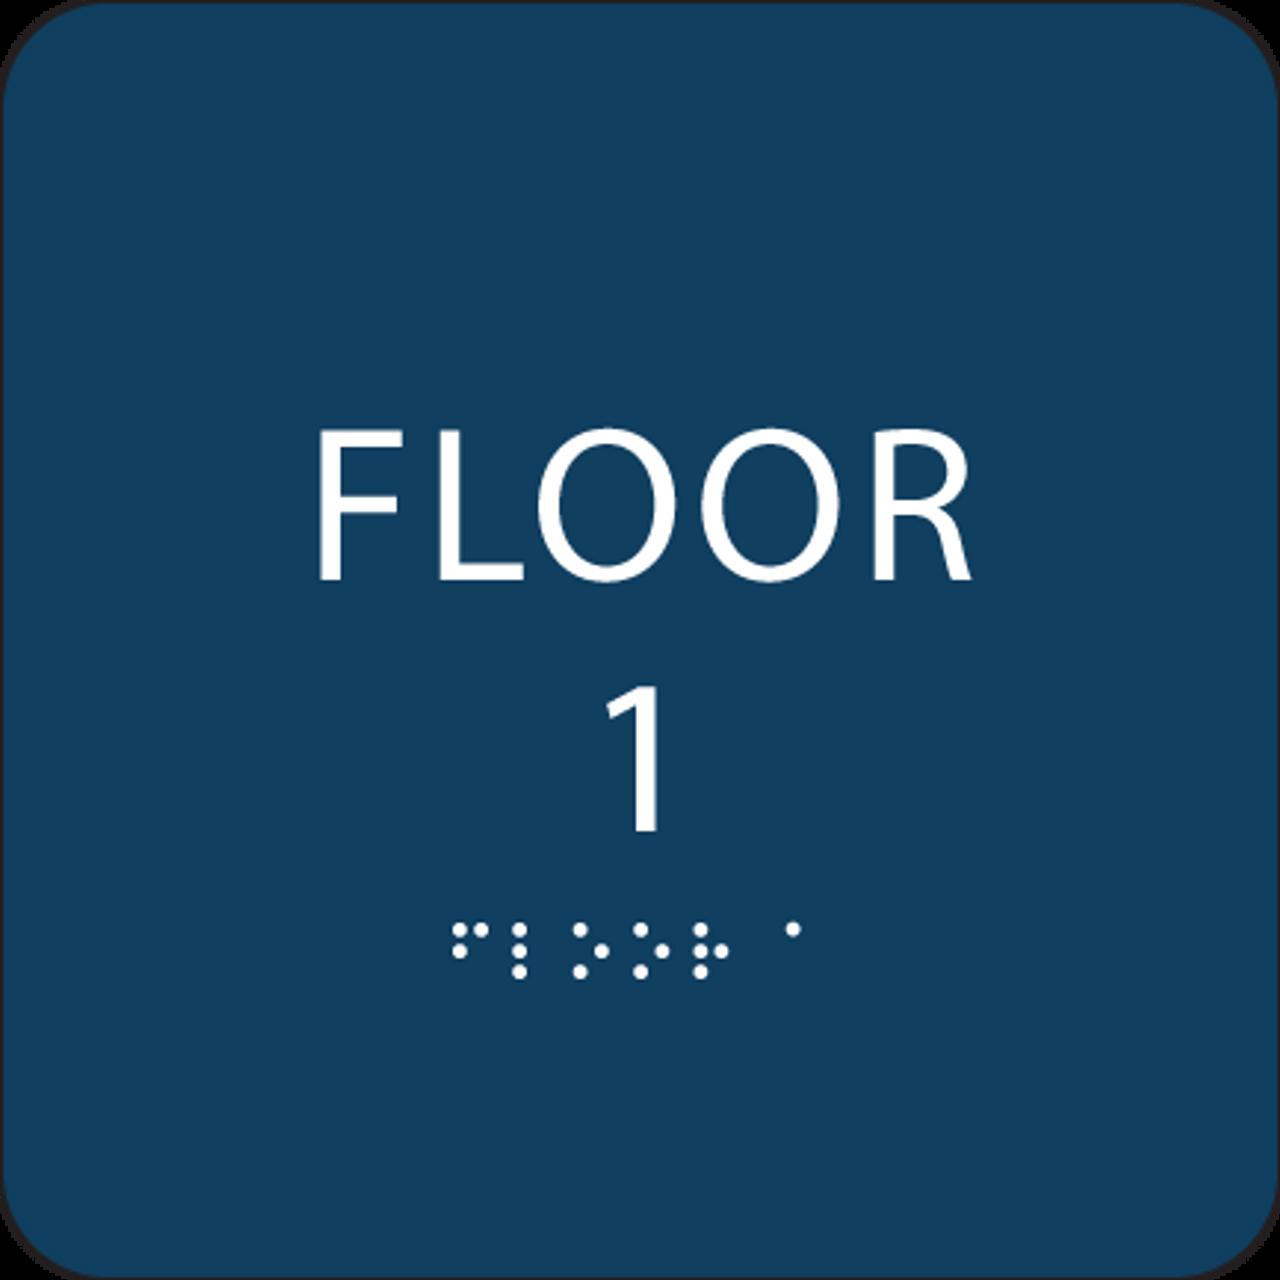 Dark Blue Floor 1 Identification Sign